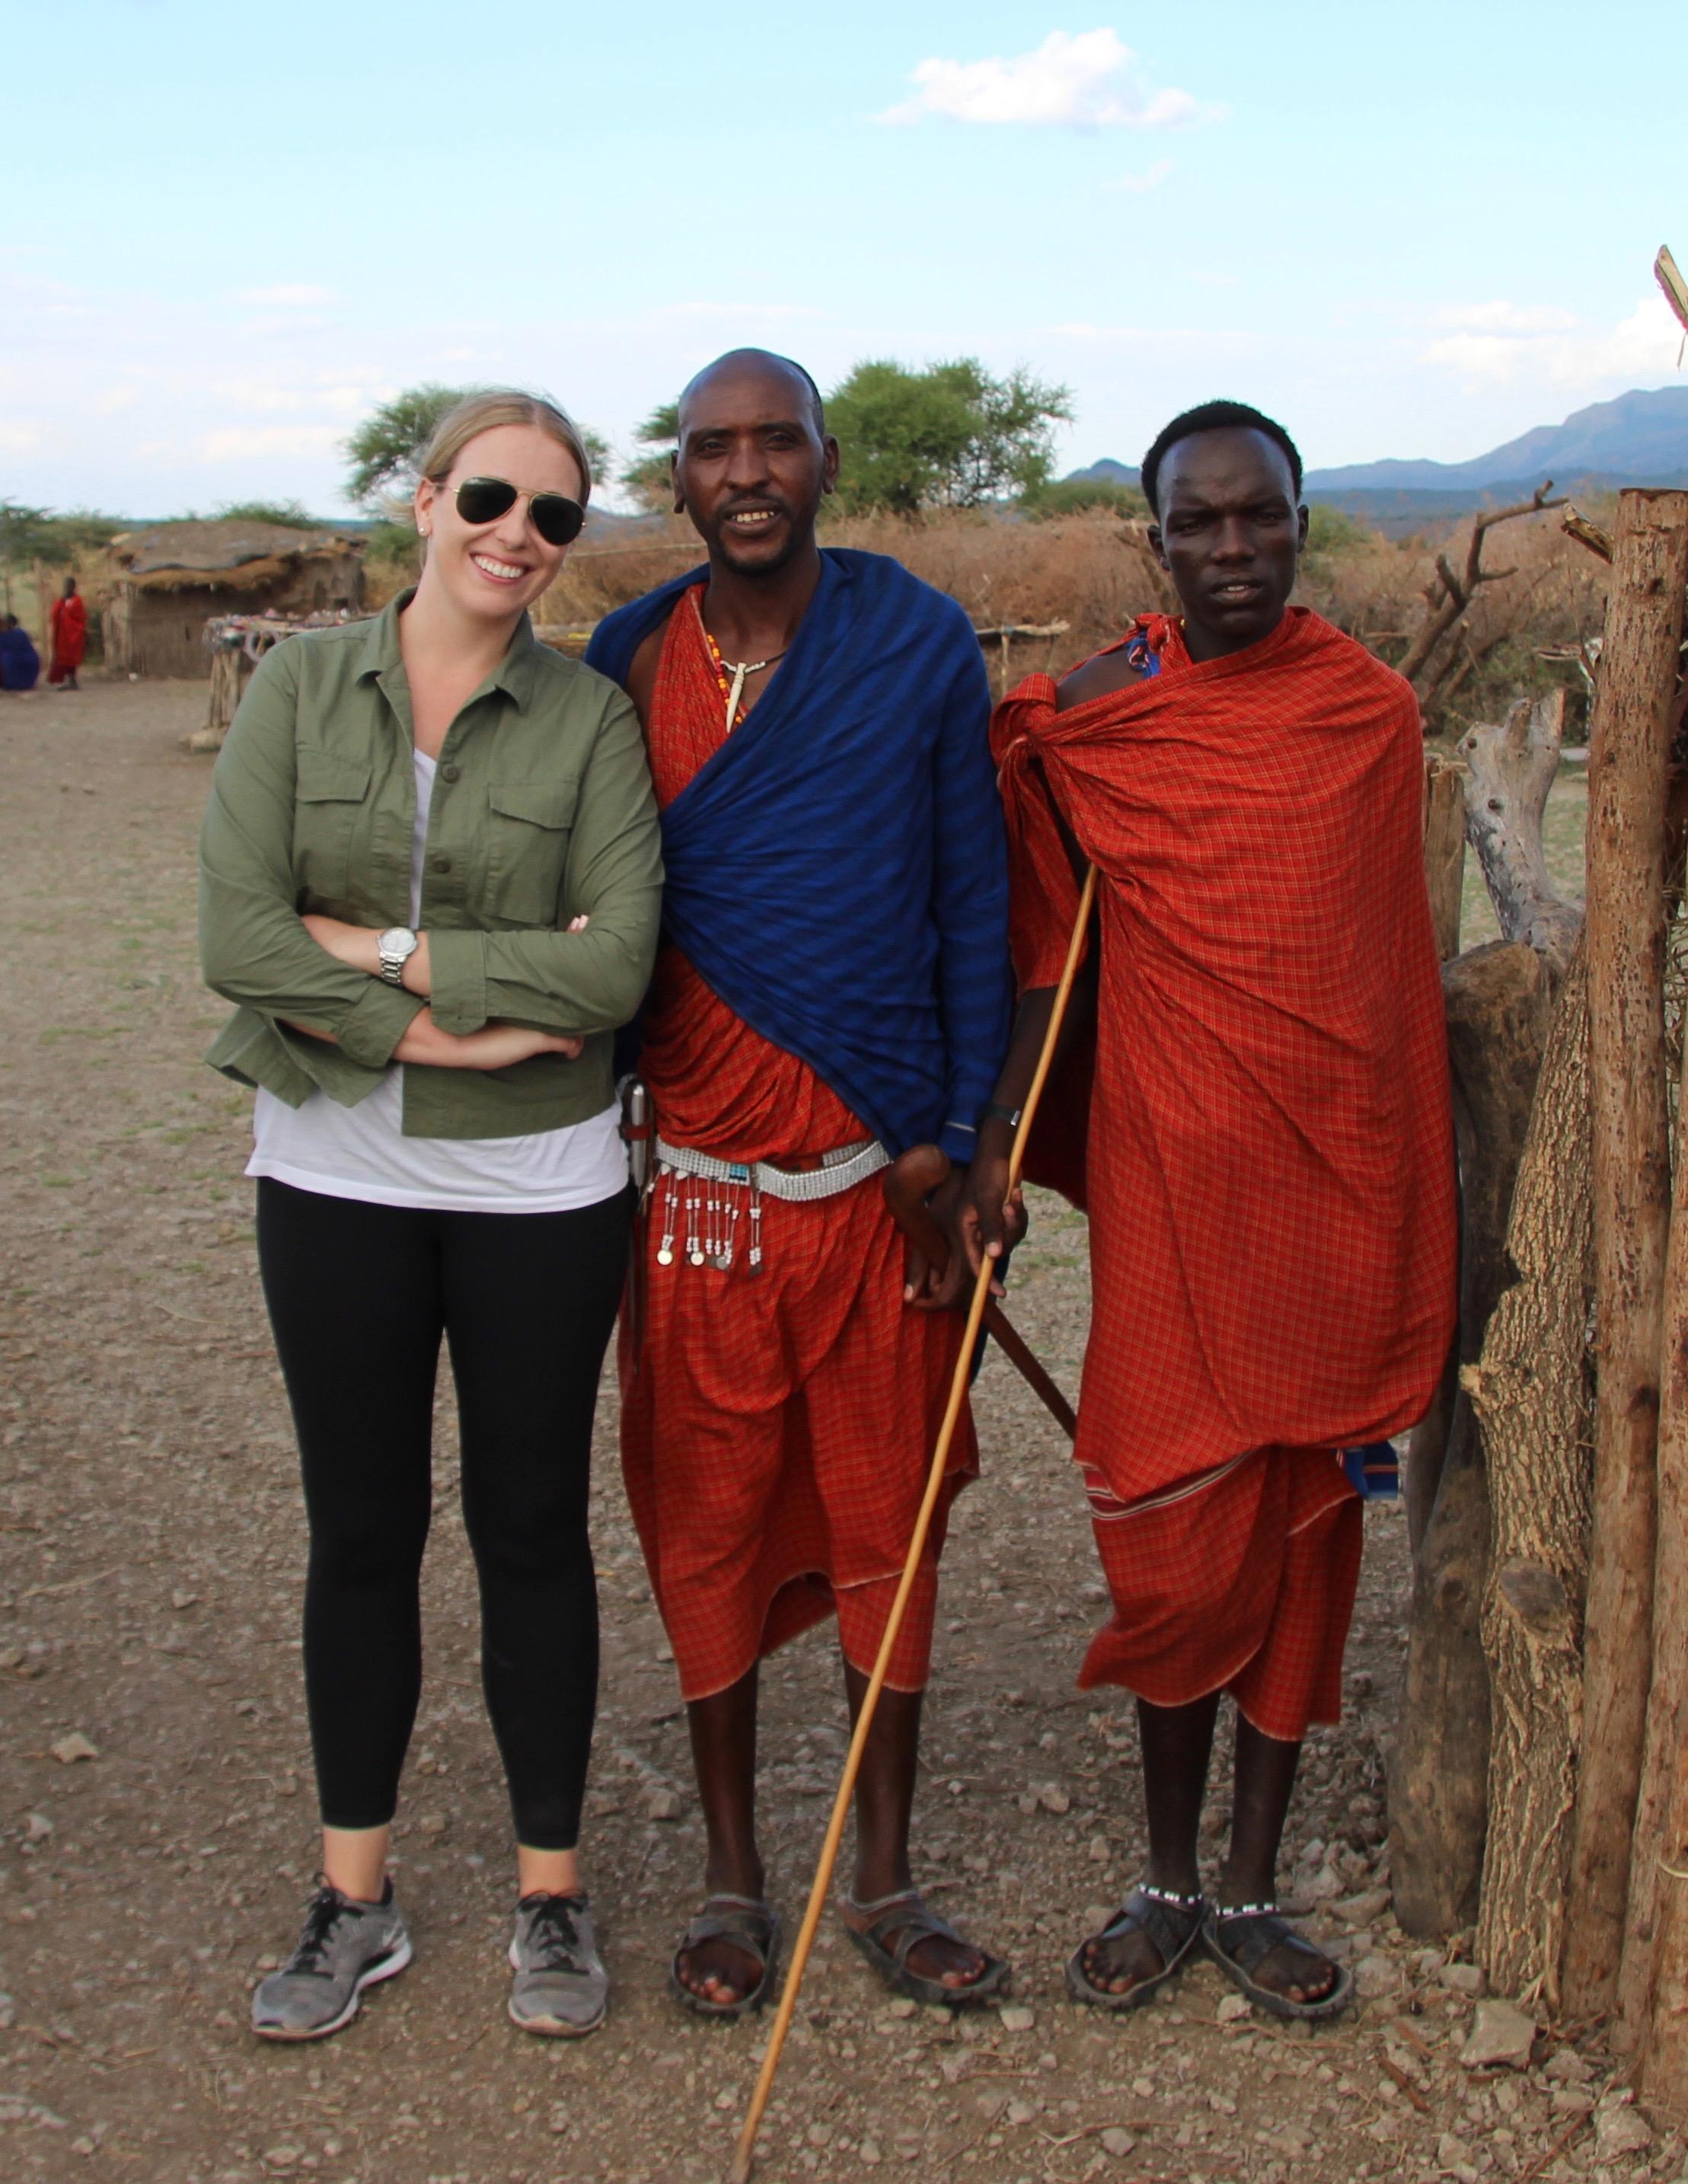 With Masai warriors in Tanzania.